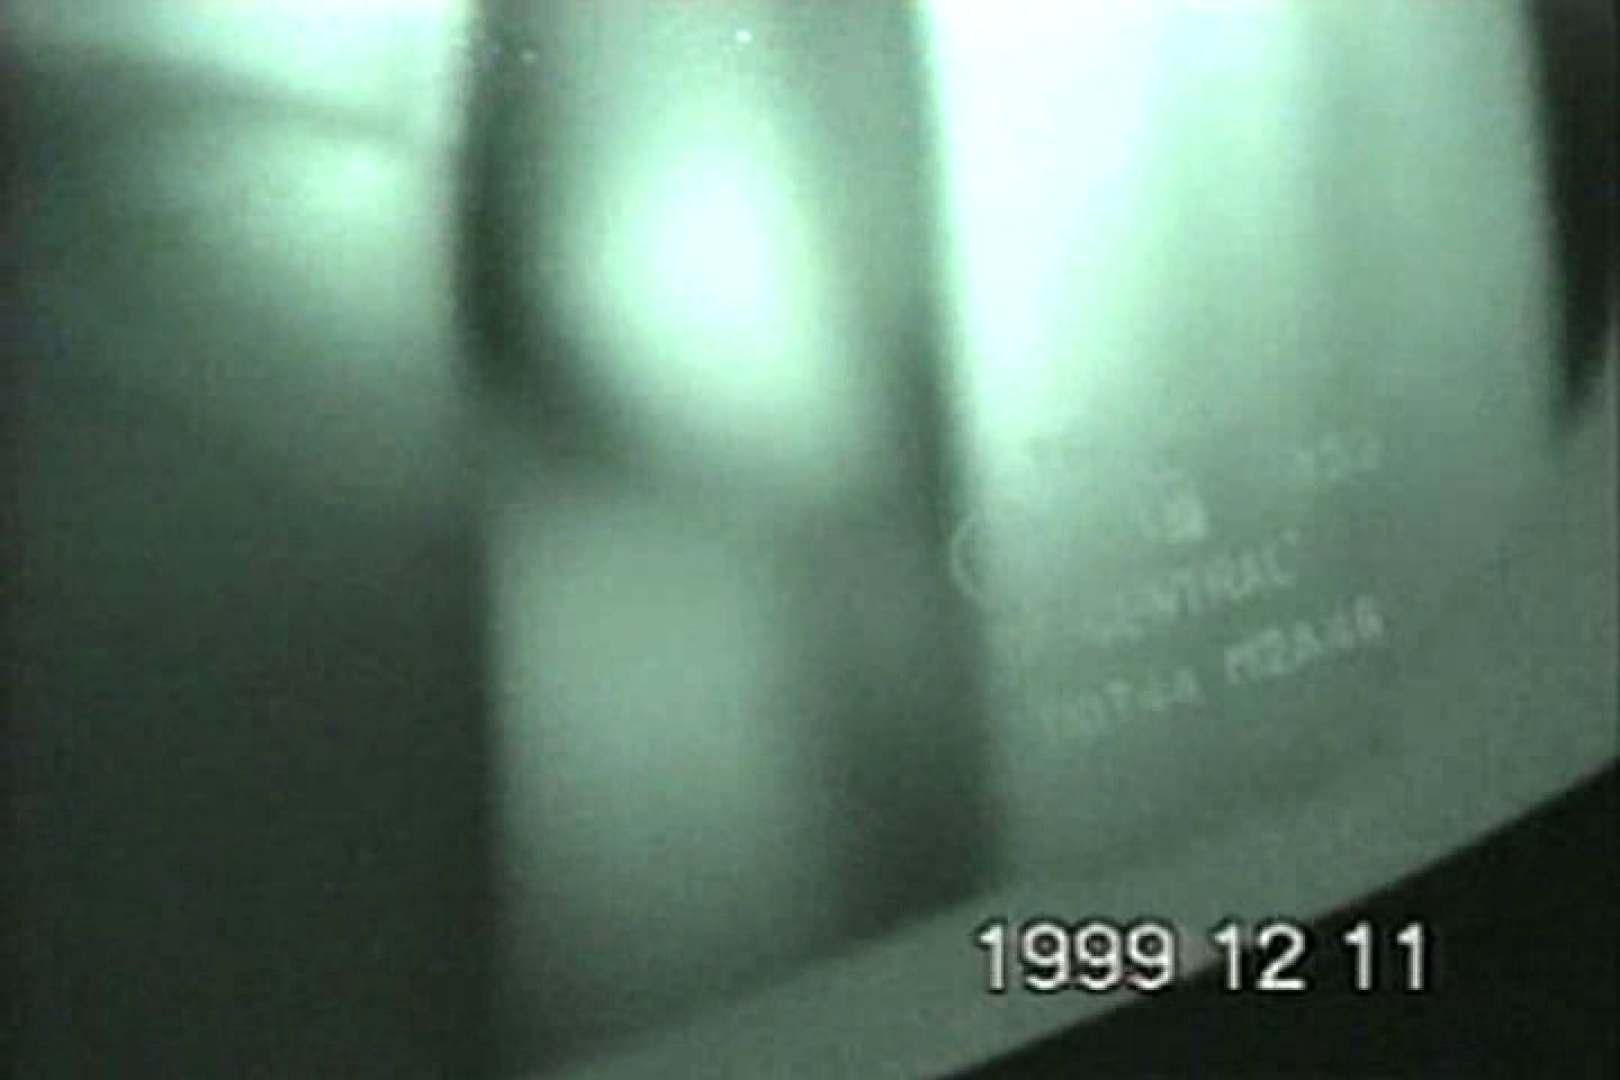 蔵出し!!赤外線カーセックスVol.7 カーセックス AV動画キャプチャ 107画像 41